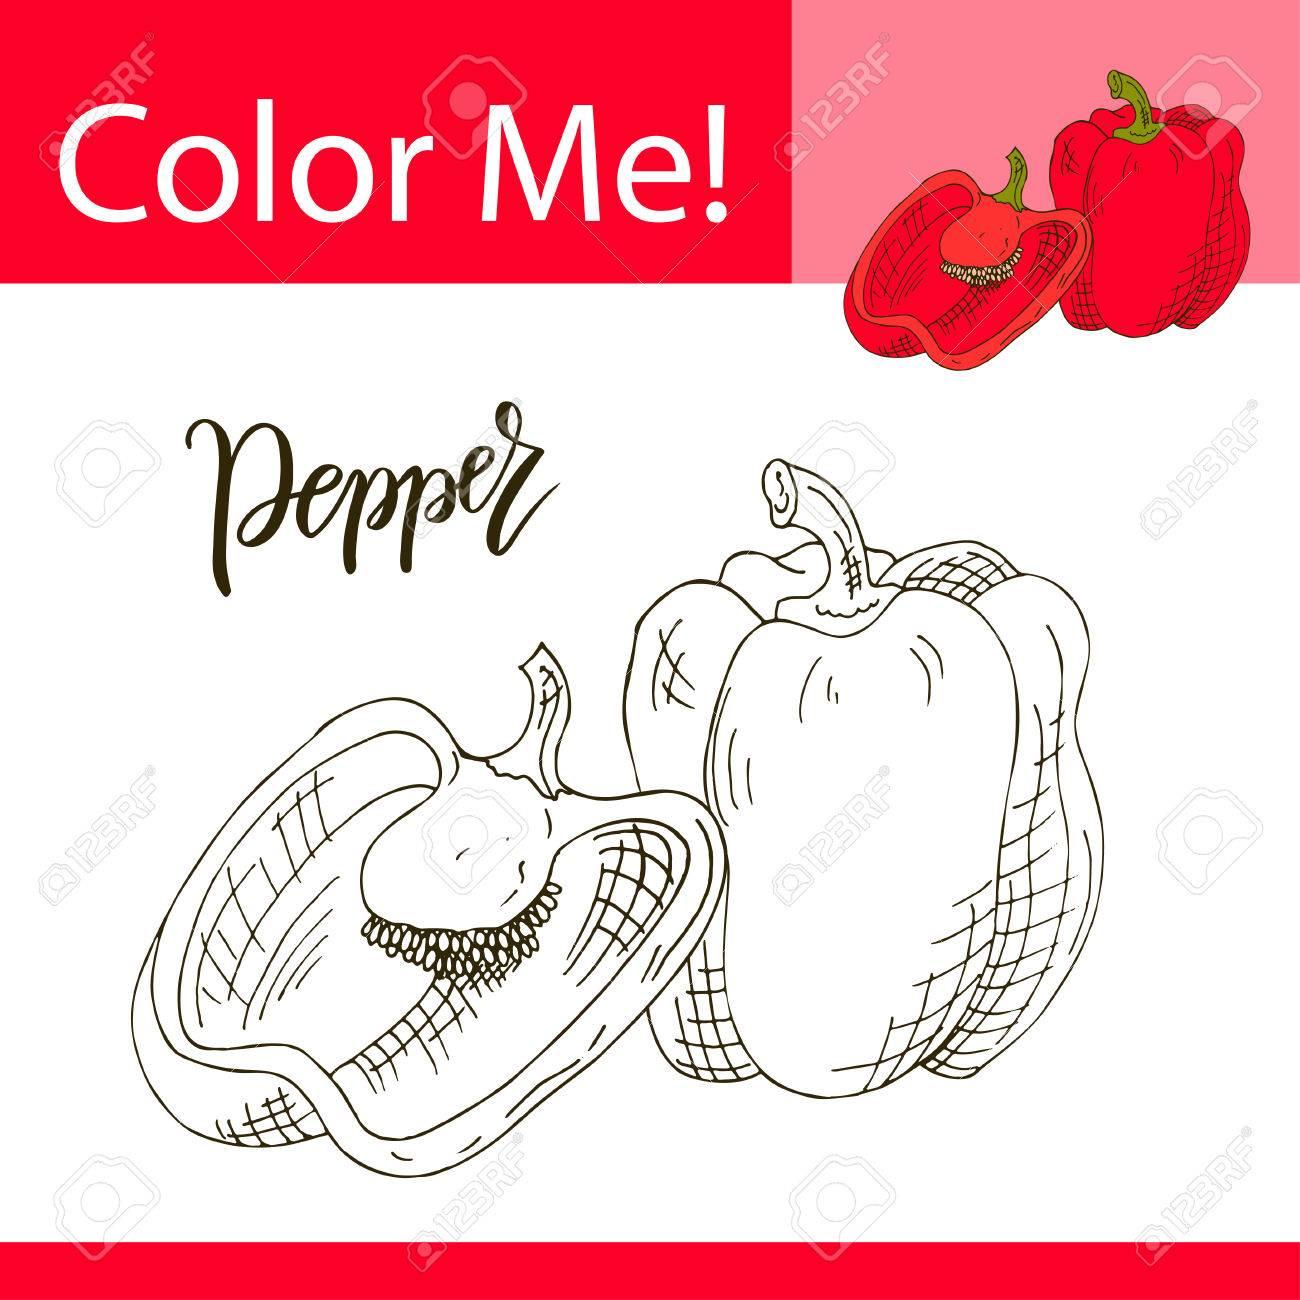 Dorable Colorear Imágenes De Vegetales Motivo - Enmarcado Para ...